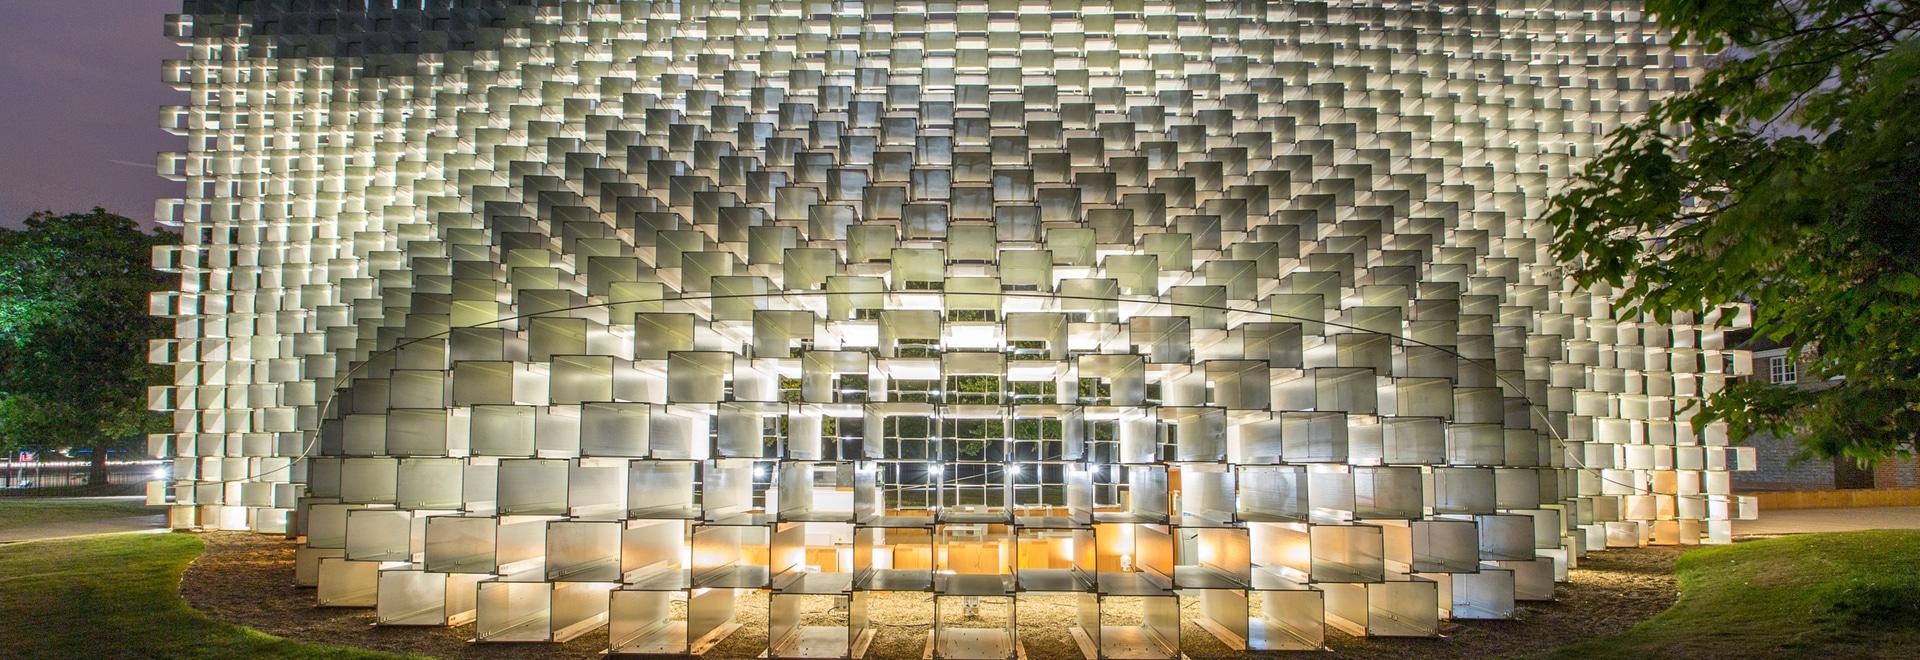 Für Serpentine Pavilion 2016 de Minimalistisches Lichtdesign